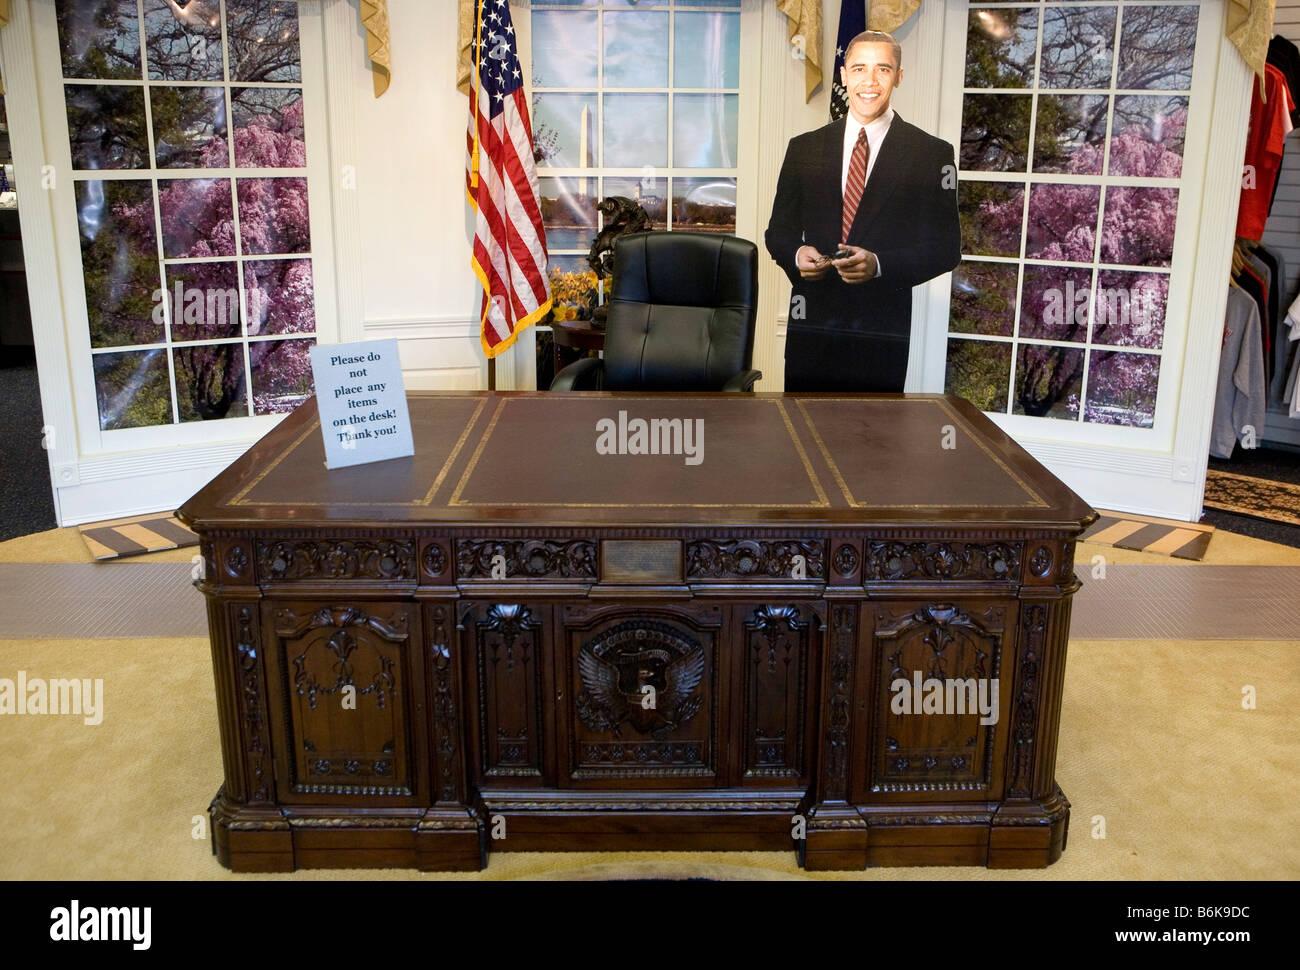 oval office desks. 14 december 2008 washington d c president elect barack obama merchandise - stock image oval office desks